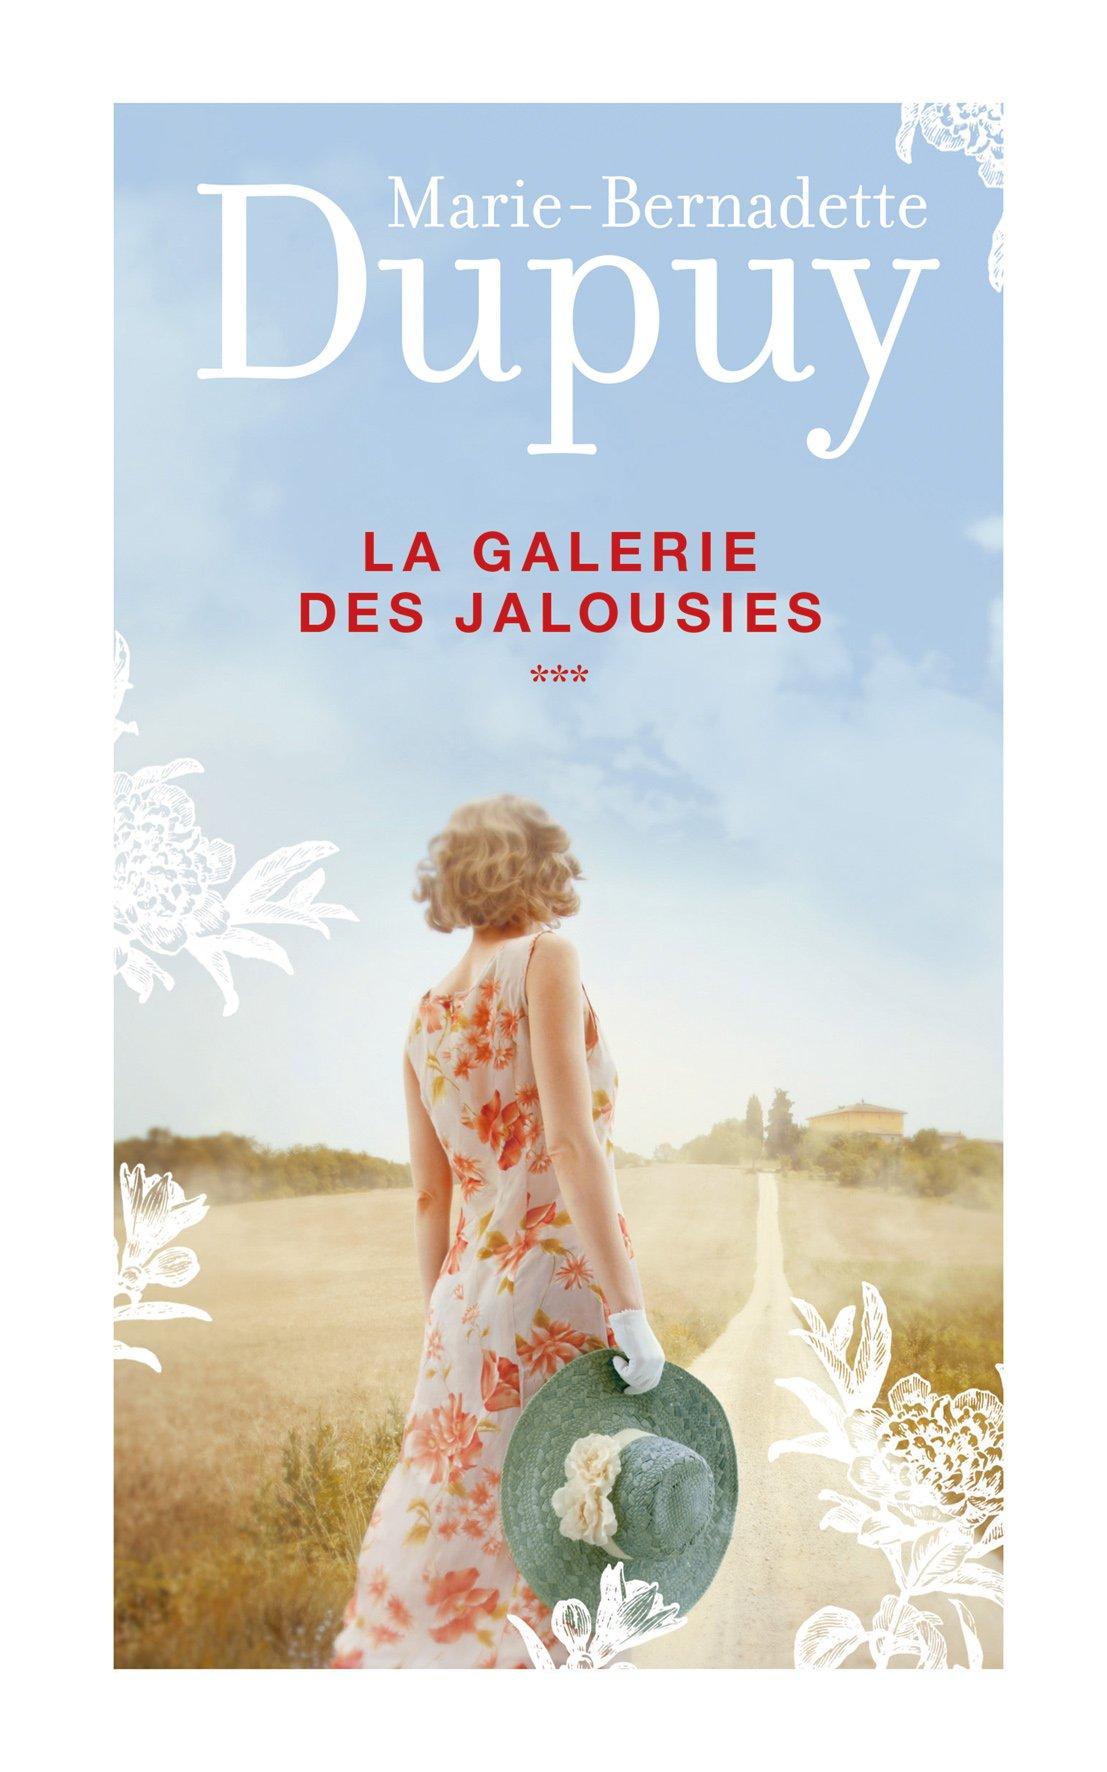 La Galerie Des Jalousies Combien De Tomes : galerie, jalousies, combien, tomes, Cover, Designer, Twitter:,